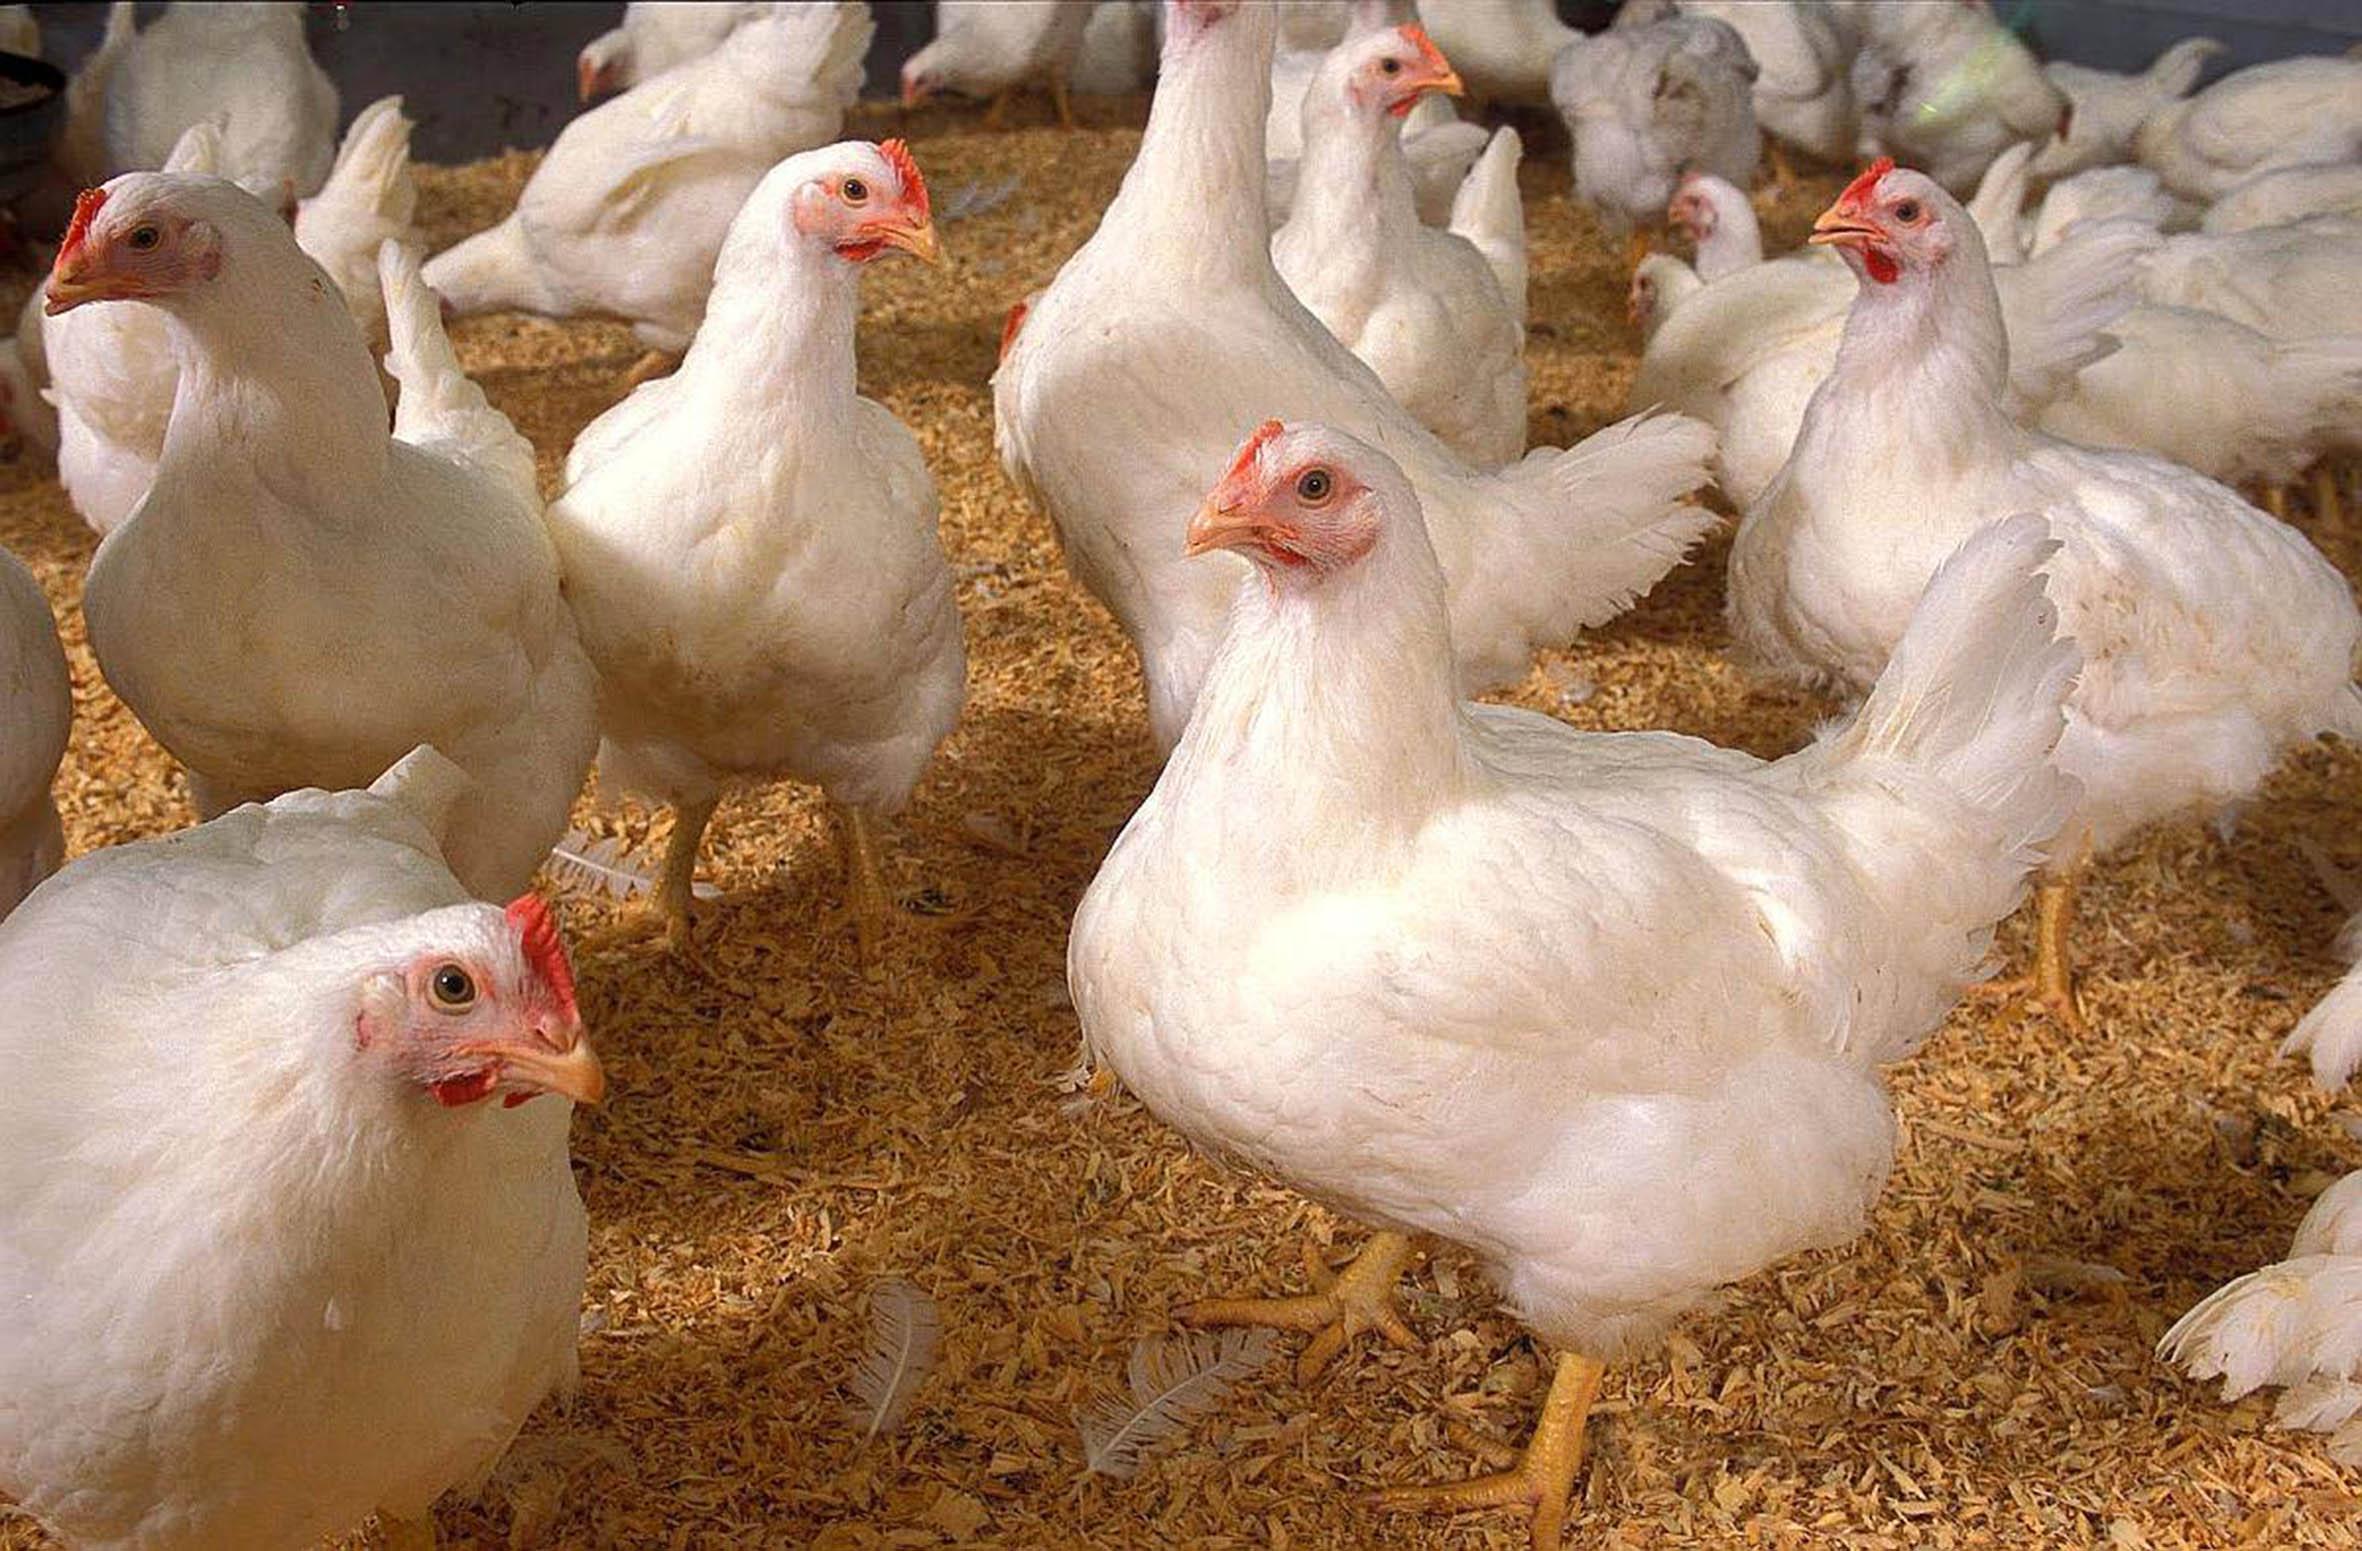 Un mito el uso de hormonas para el crecimiento de pollos para consumo humano